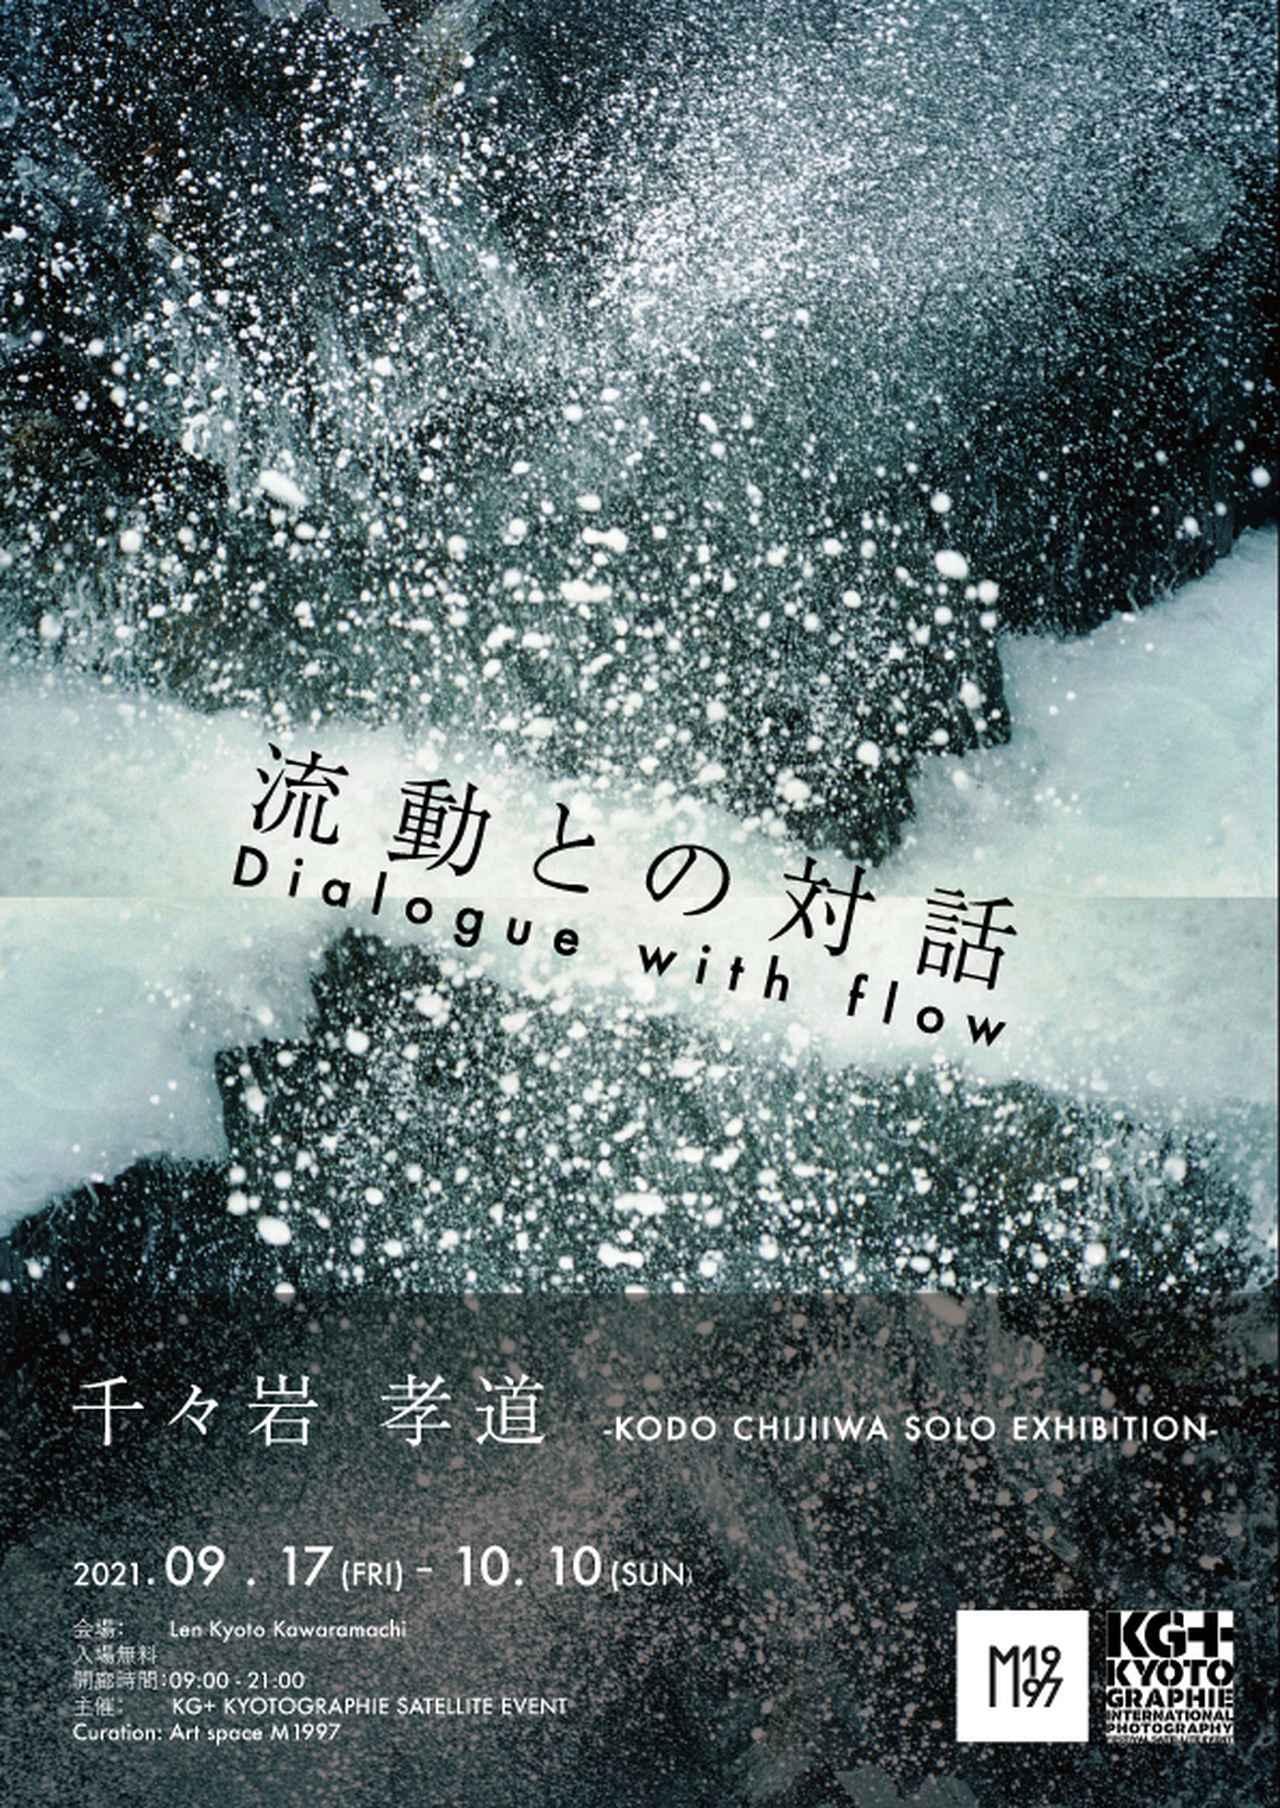 画像: 【千々岩孝道写真展】「流動との対話 | Dialogue with flow」を9月17日(金)からKyotographie KG+で開催。